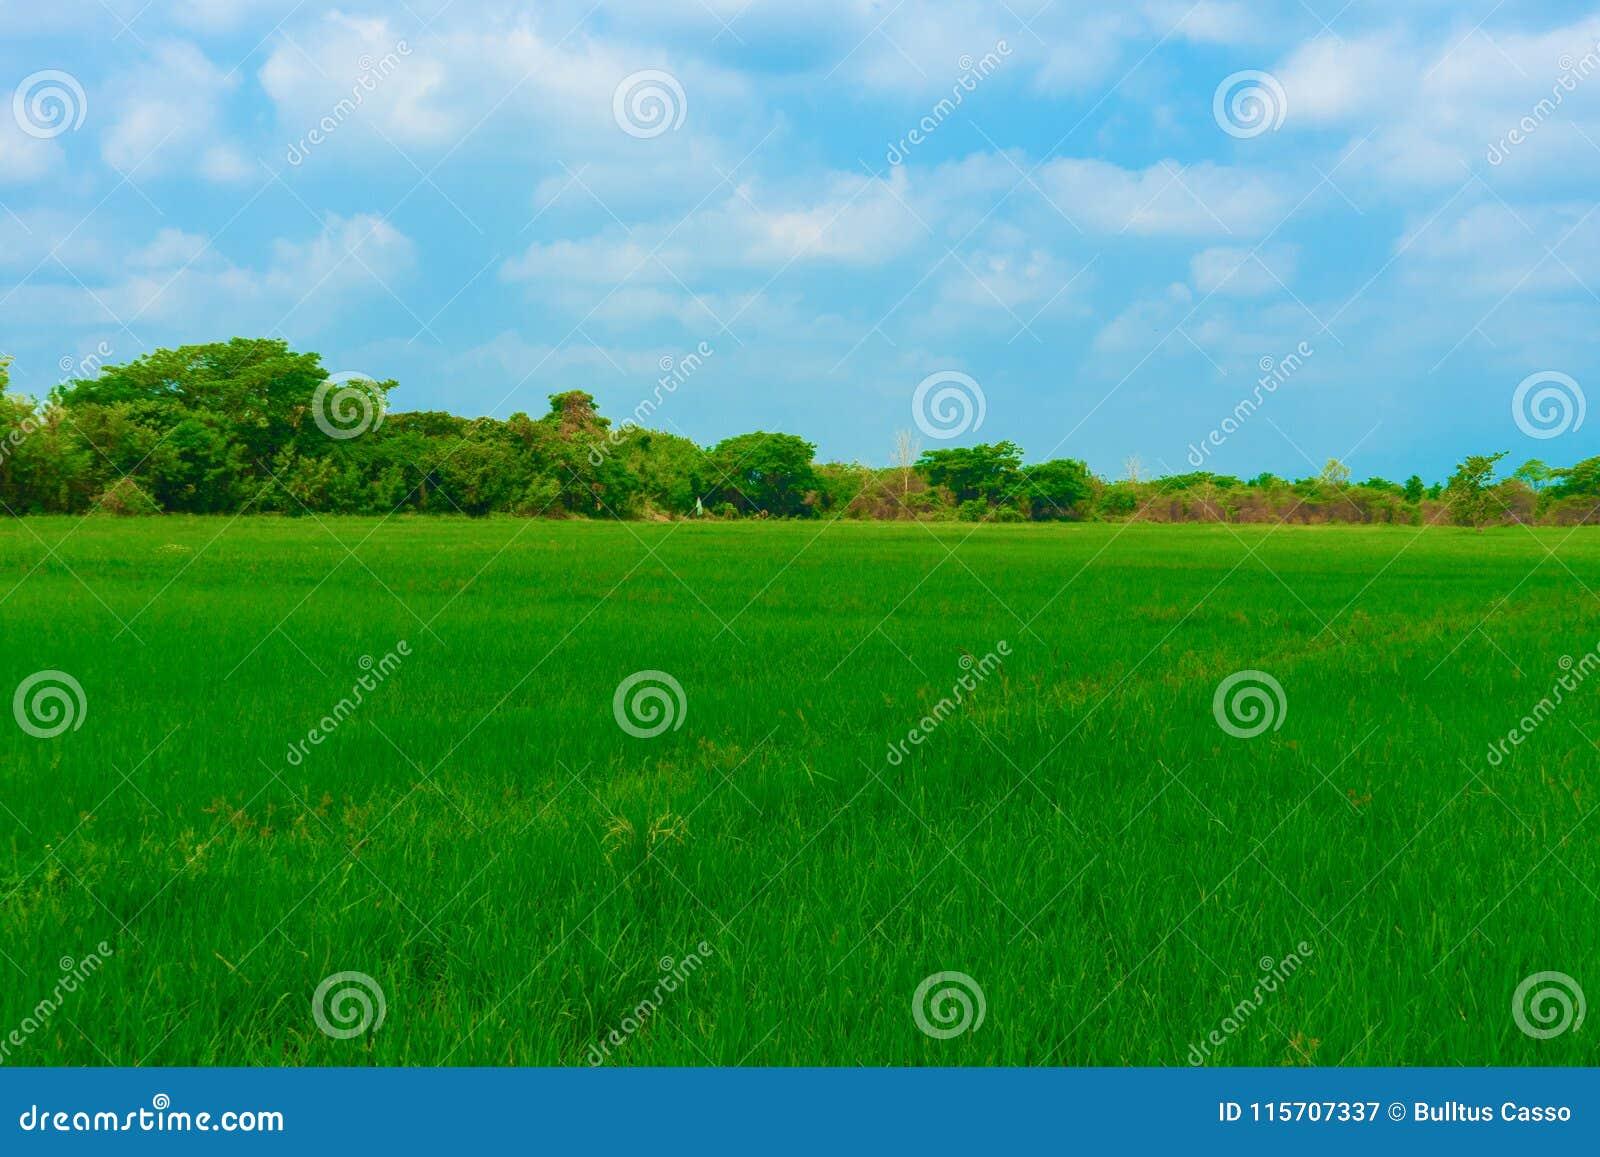 米天空是领域的与树和绿色利大全设计图片字体图片